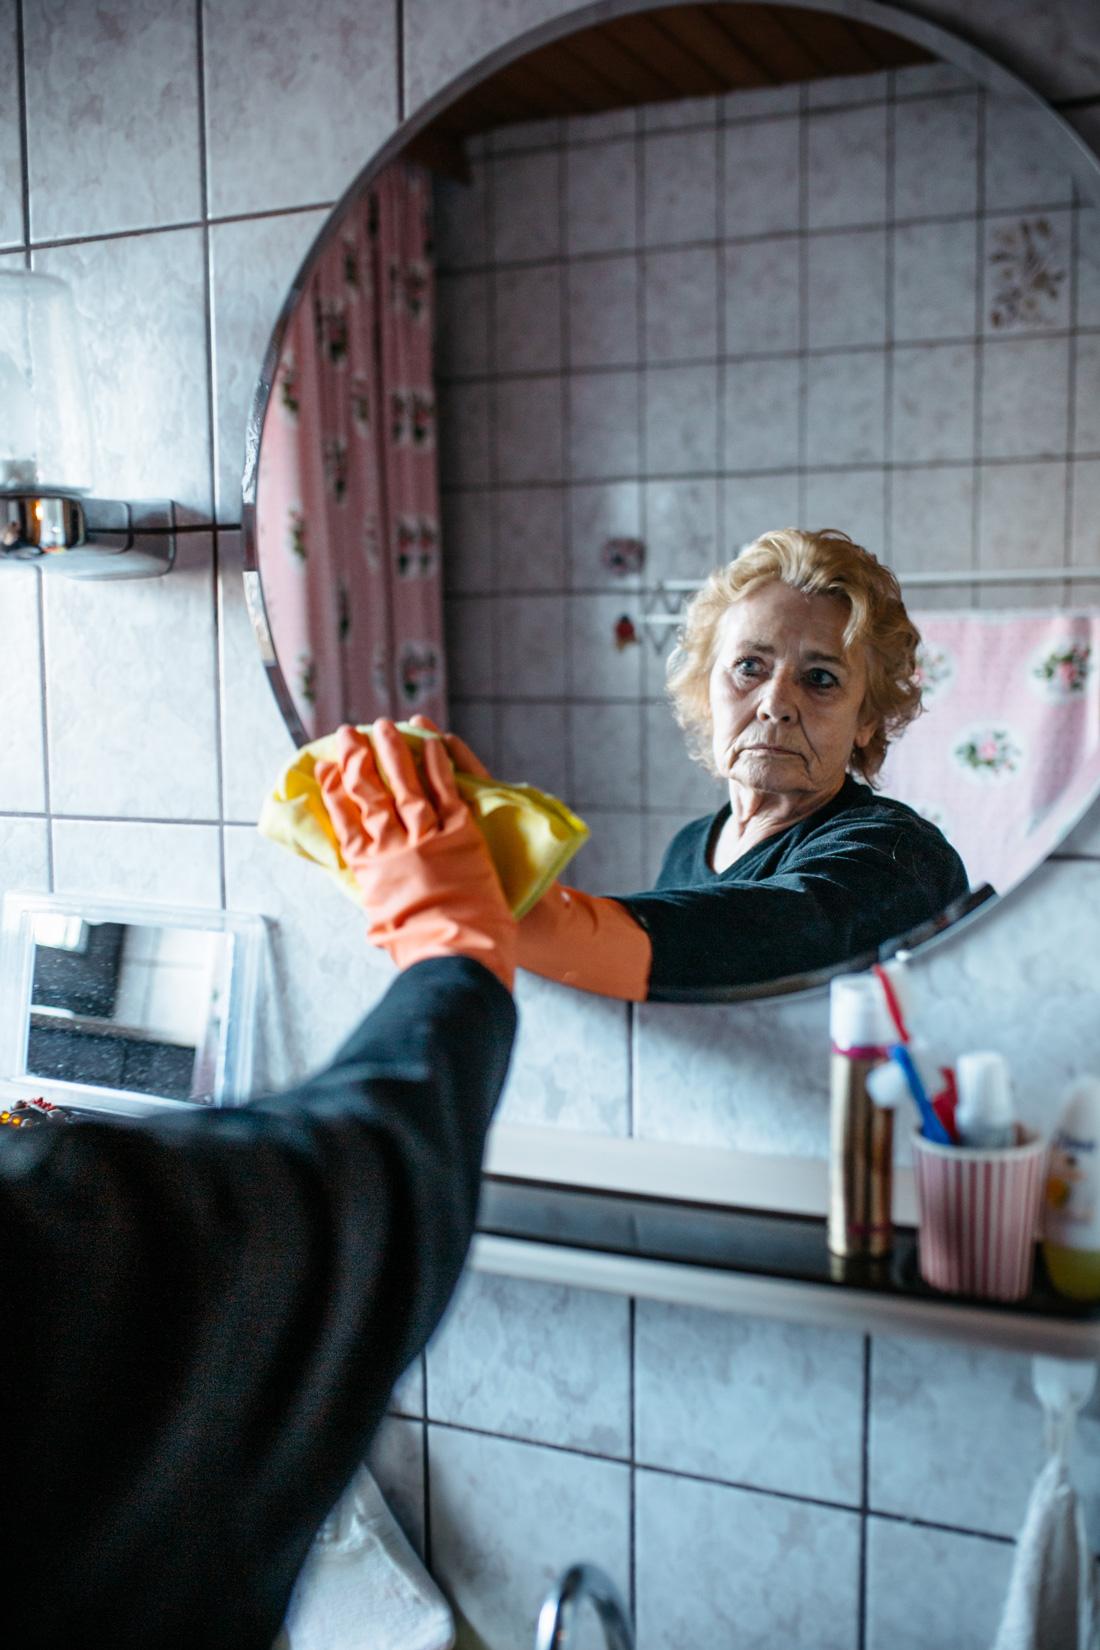 Meine Oma ist eine ganz normale Rentnerin. Warum geht sie putzen?